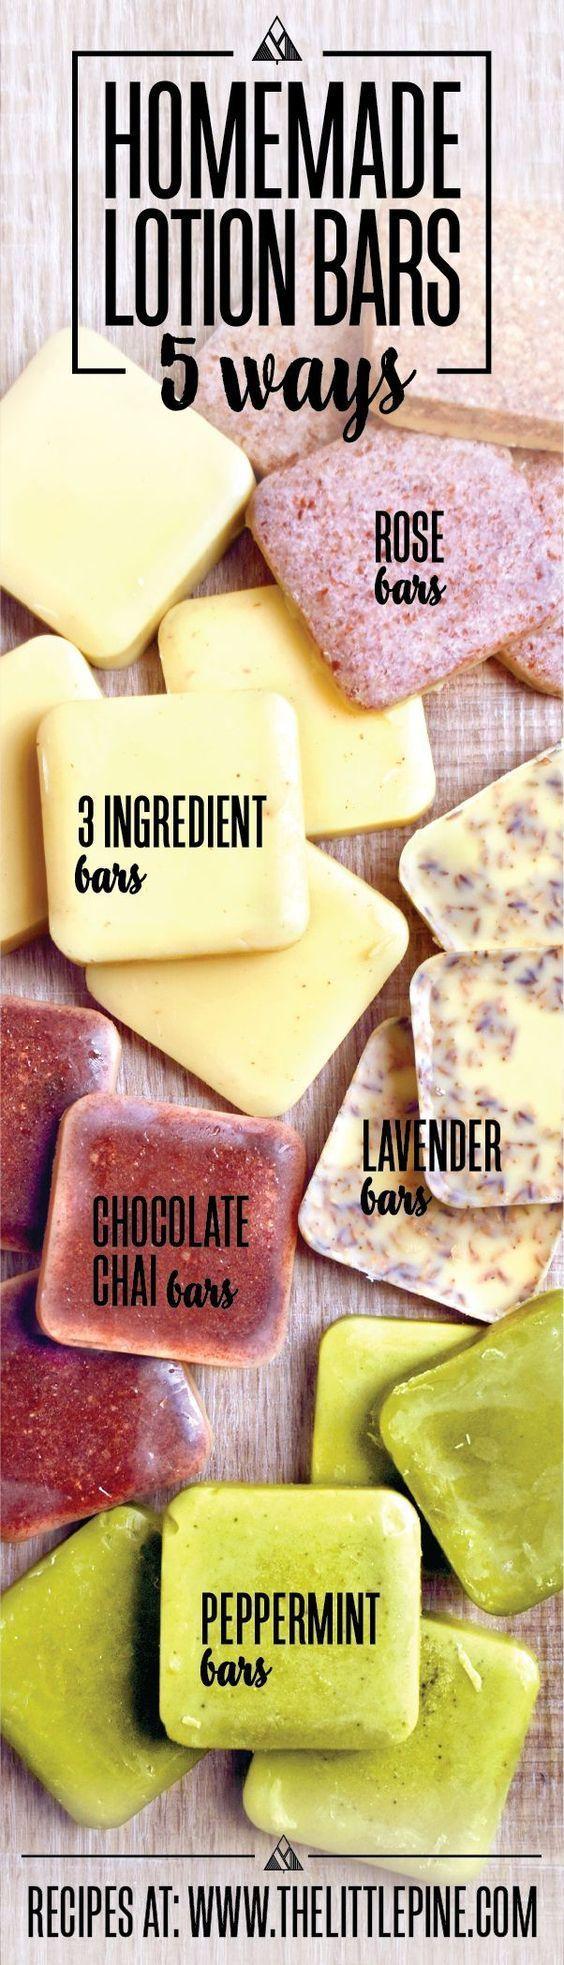 Top 5 Lotion Bar Recipes #naturalsoaprecipes